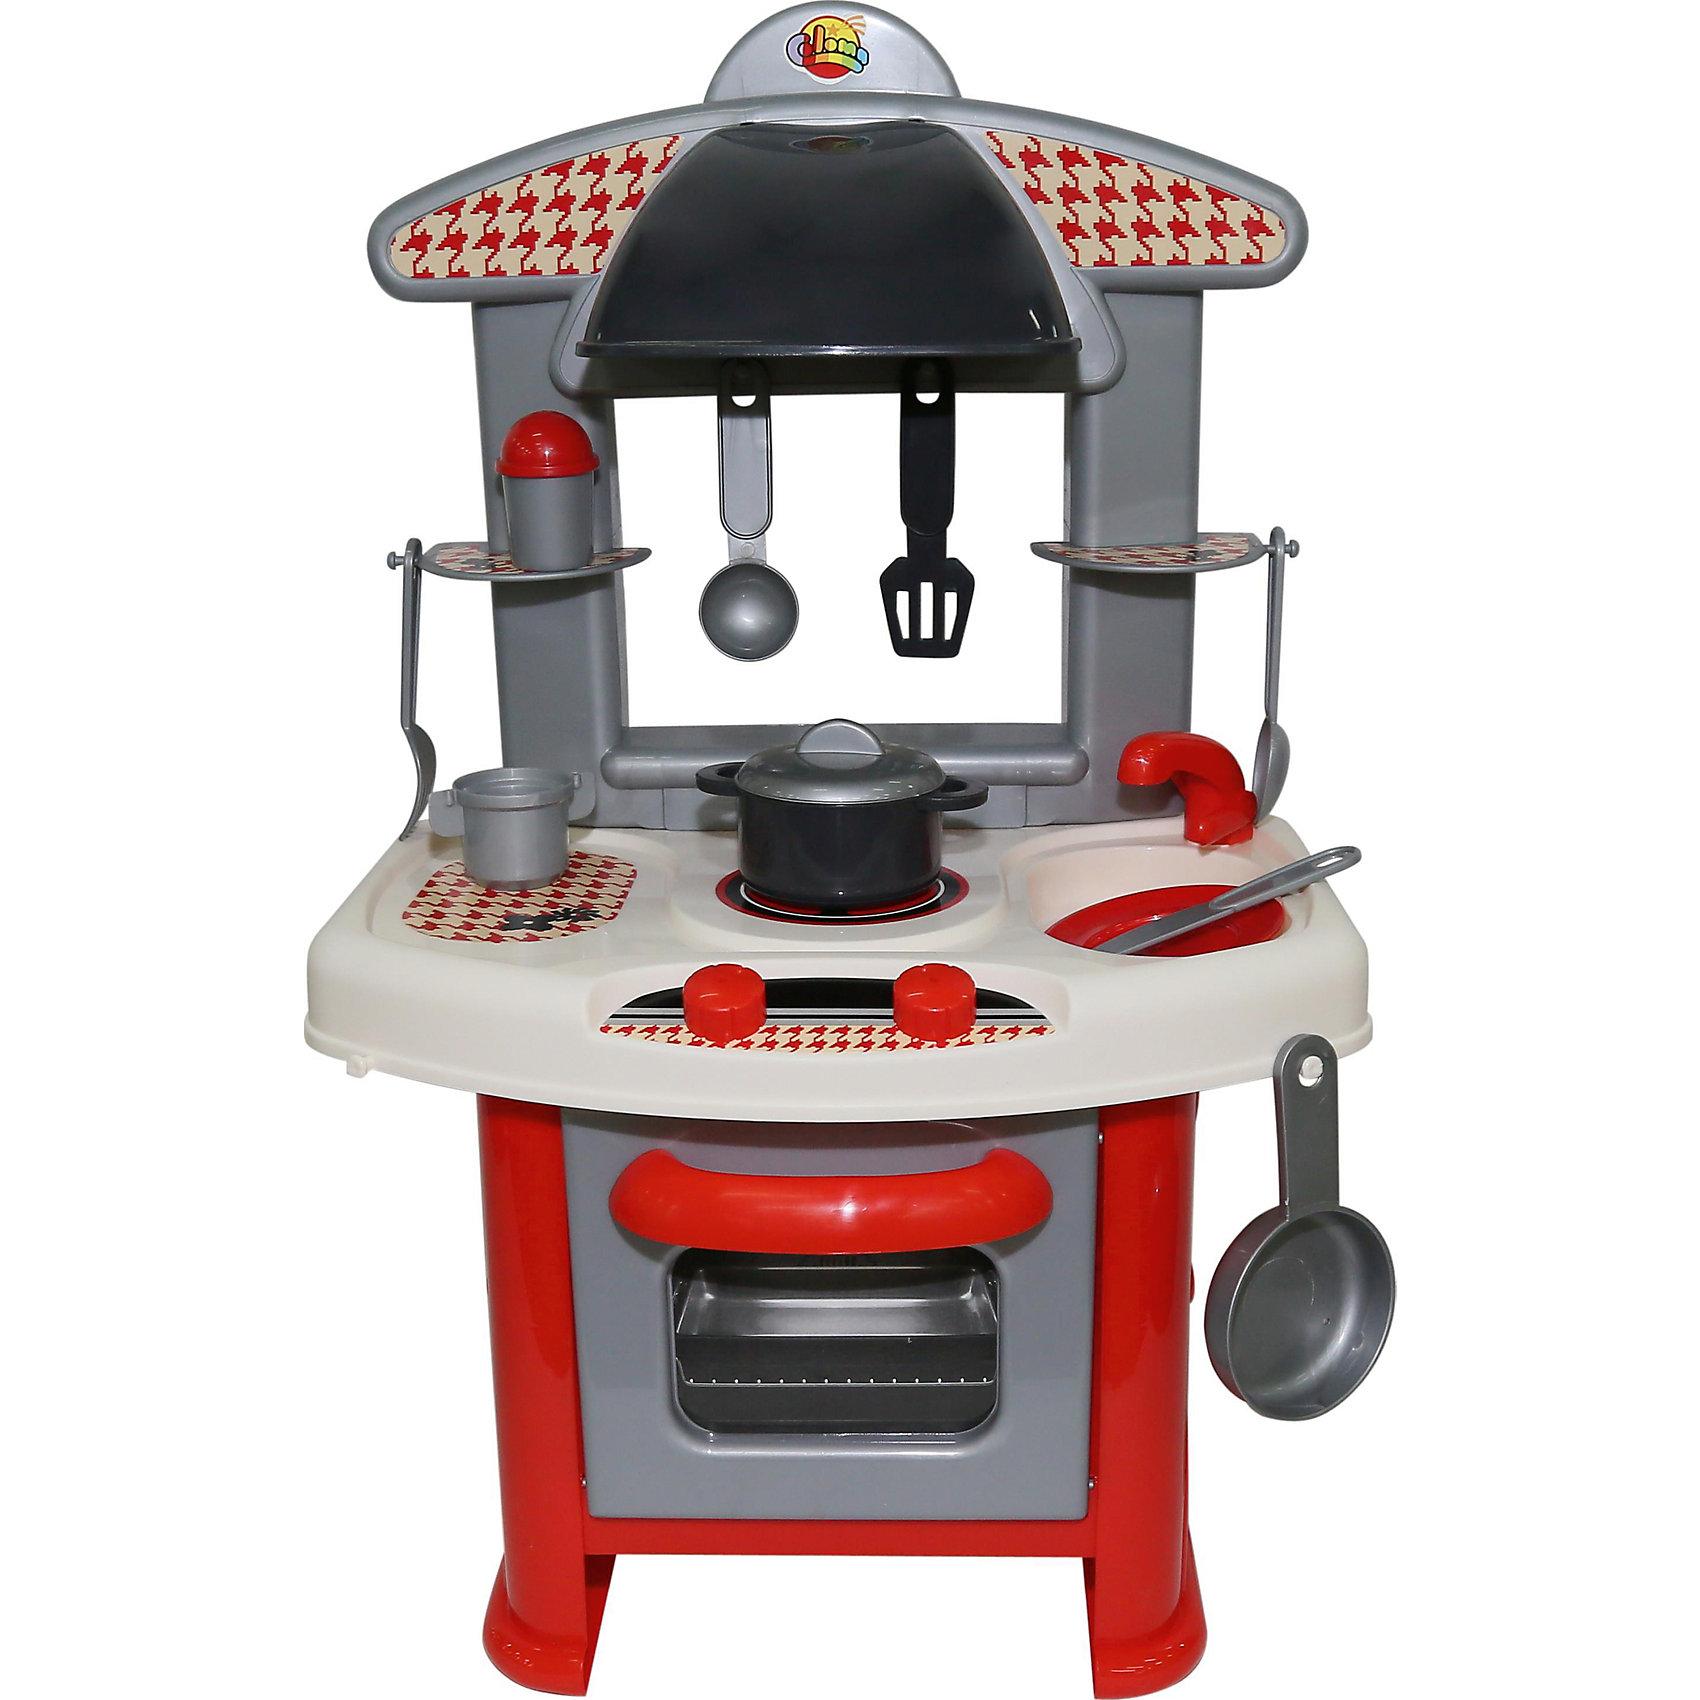 Набор-мини Кухня Яна, ПолесьеДетские кухни<br>Характеристики товара:<br><br>• возраст: от 3 лет<br>• материал: пластик.<br>• размер упаковки: 40.5 х 27 х 64.5 см.<br>• страна бренда: Беларусь.<br><br>Мини-кухня Яна от компании Полесье - это игровой набор, который может завлечь девочку на очень долгое время. Ведь, играя с ним, она сможет придумать множество сюжетов. <br><br>Все элементы в наборе максимально приближены к реальным, именно поэтому с ним так интересно играть.<br><br>Внимание! Цветовое исполнение некоторых элементов игрового набора варьируется, может отличаться от представленного на фото.<br><br>Мини-кухню Яна можно купить в нашем интернет-магазине.<br><br>Ширина мм: 405<br>Глубина мм: 365<br>Высота мм: 200<br>Вес г: 1322<br>Возраст от месяцев: 36<br>Возраст до месяцев: 2147483647<br>Пол: Женский<br>Возраст: Детский<br>SKU: 6760773